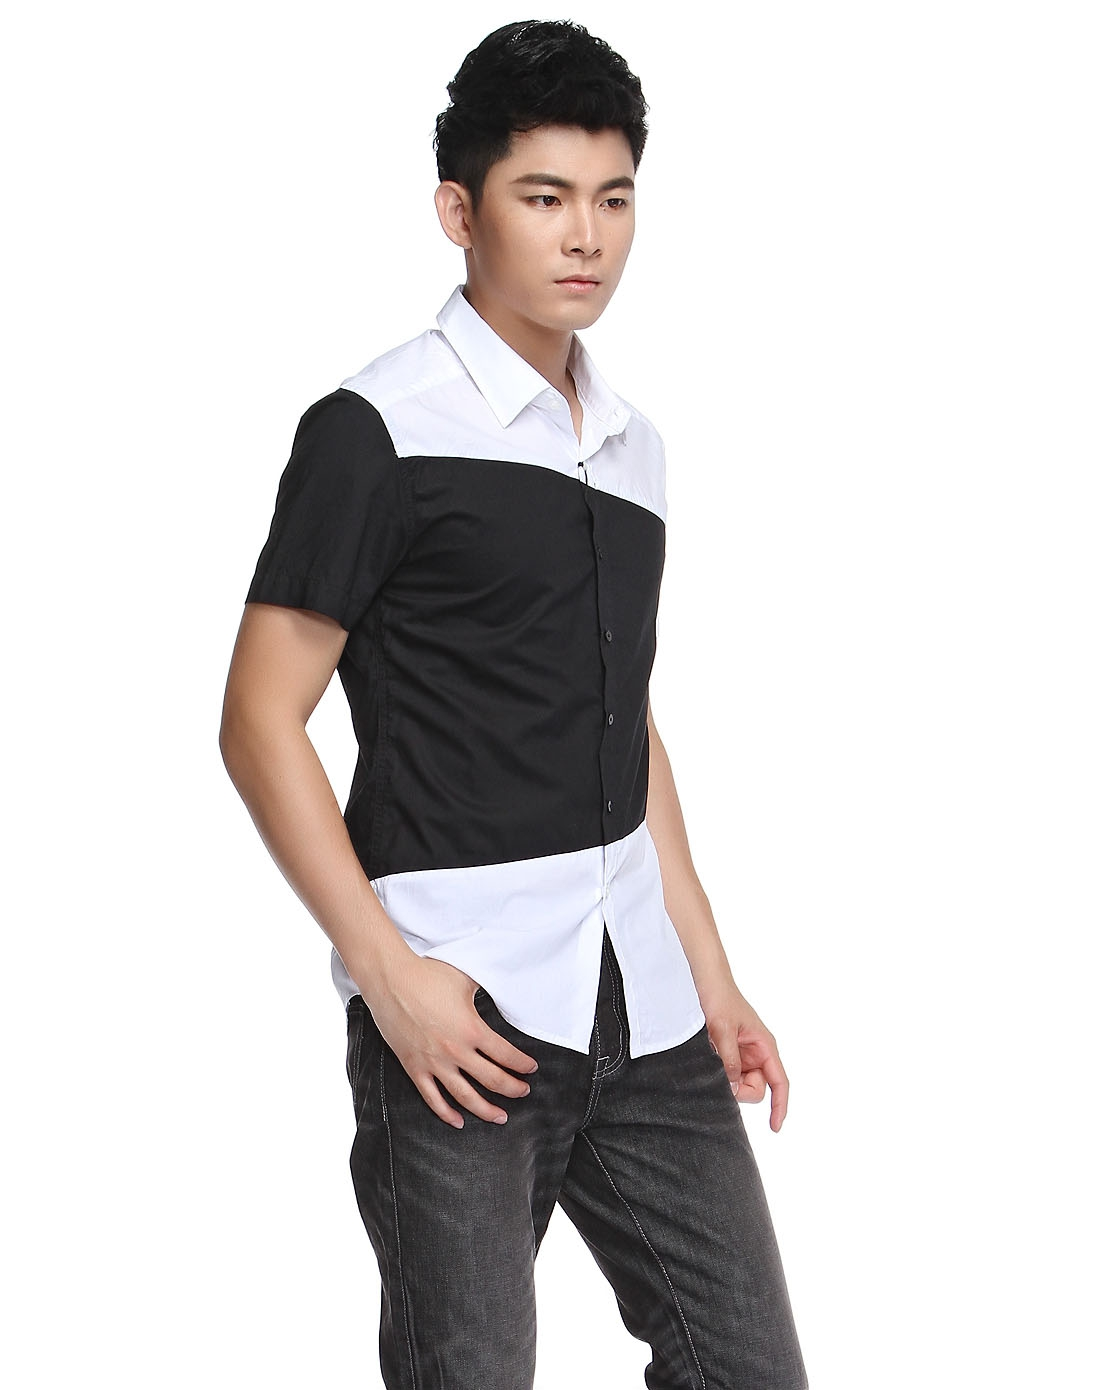 视觉创意黑白拼接短袖衬衫